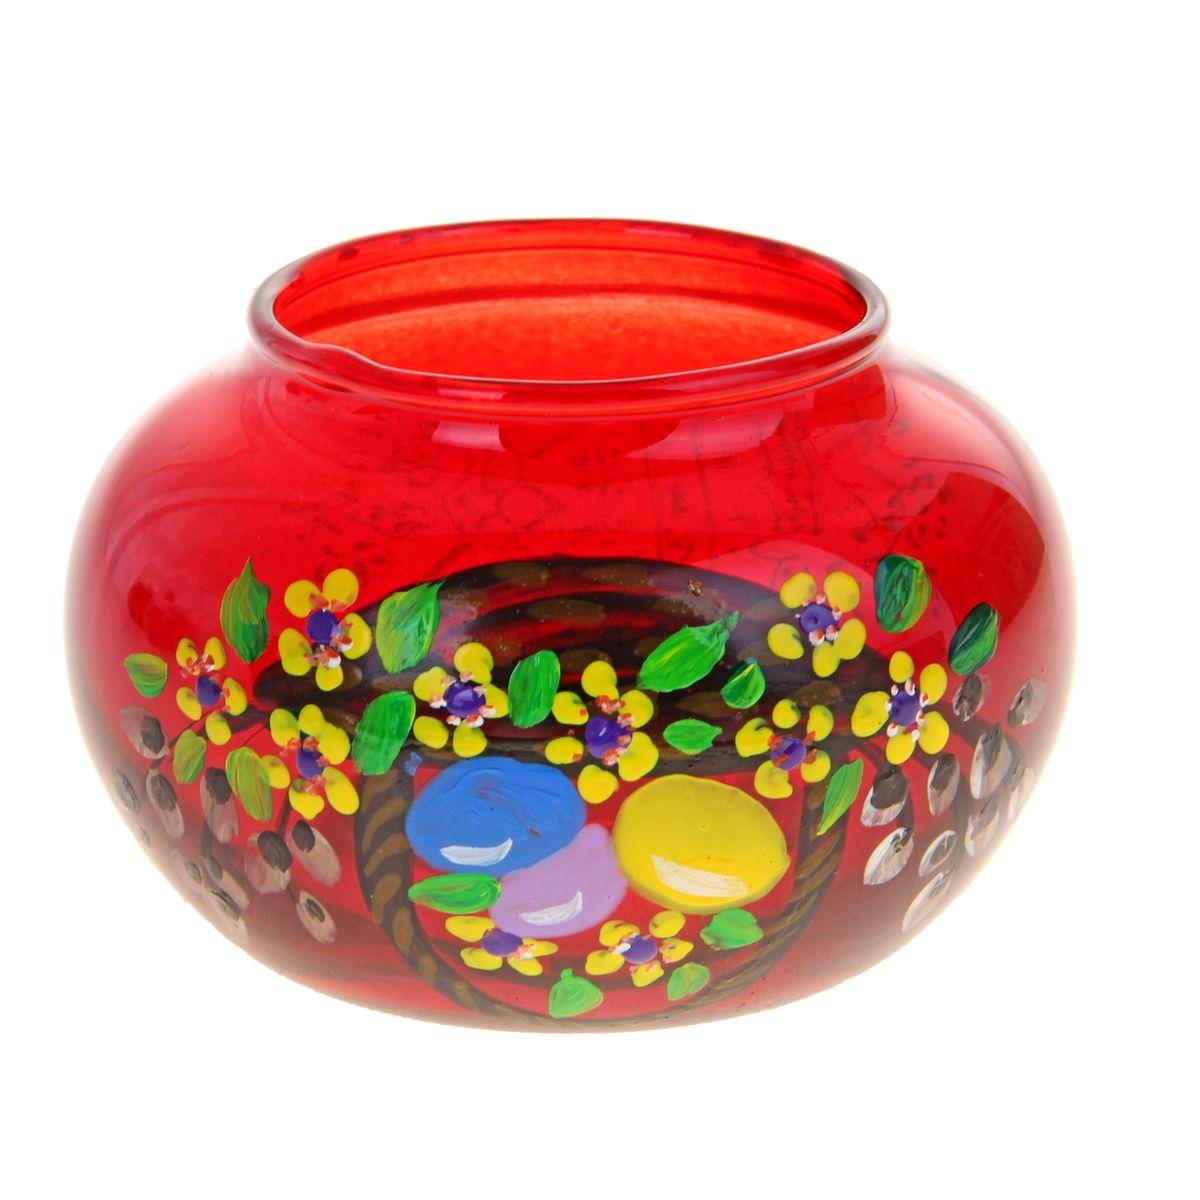 Подсвечник Sima-land Пасха-2, цвет: красный67754_розовыйПодсвечник Sima-land Пасха-2 идеально подойдет для праздничного оформления дома. Подсвечник выполнен из стекла красного цвета и украшен пасхальным рисунком. В центр изделия помещается свеча-таблетка (не входит в комплект). Зажгите свечку, поставьте ее в подсвечник и наслаждайтесь теплом, которое наполнит ваше сердце. Пасхальный декоративный подсвечник украсит интерьер вашего дома. Оригинальный дизайн и красочное исполнение создадут праздничное настроение. Кроме того, это отличный вариант подарка для ваших близких и друзей. Высота подсвечника: 6 см. Диаметр отверстия для свечи: 5,5 см.